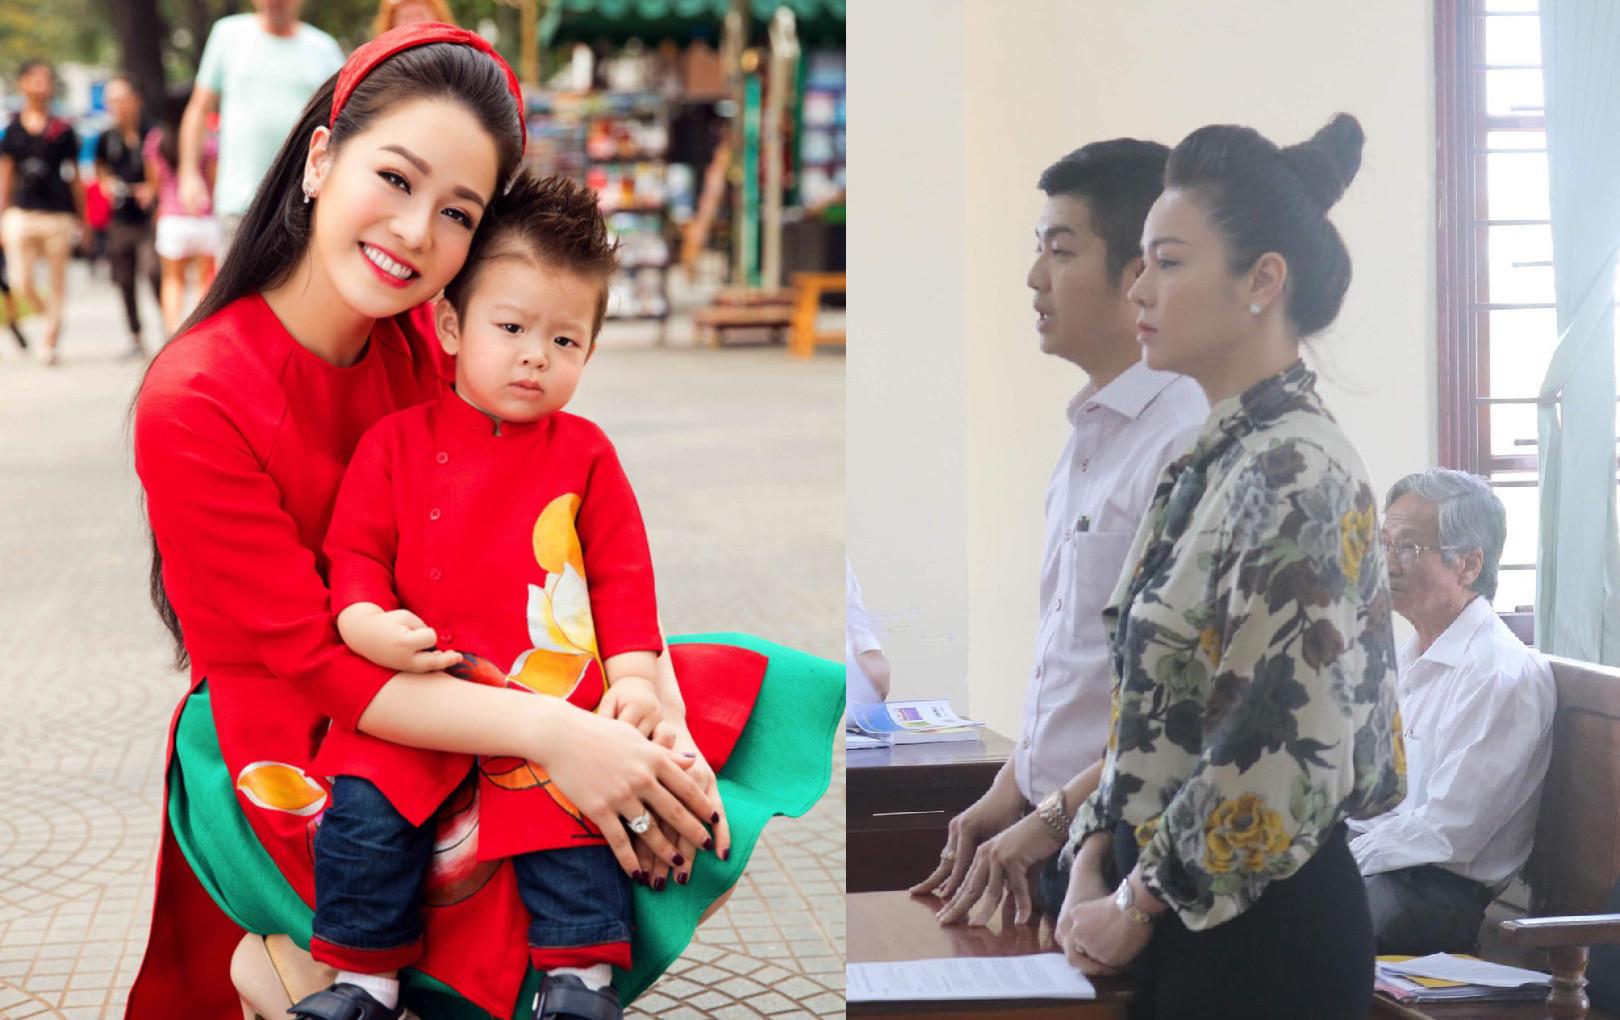 Chồng cũ Nhật Kim Anh đòi kháng cáo sau khi bị xử thua ở phiên tòa sơ thẩm trong vụ giành quyền nuôi con